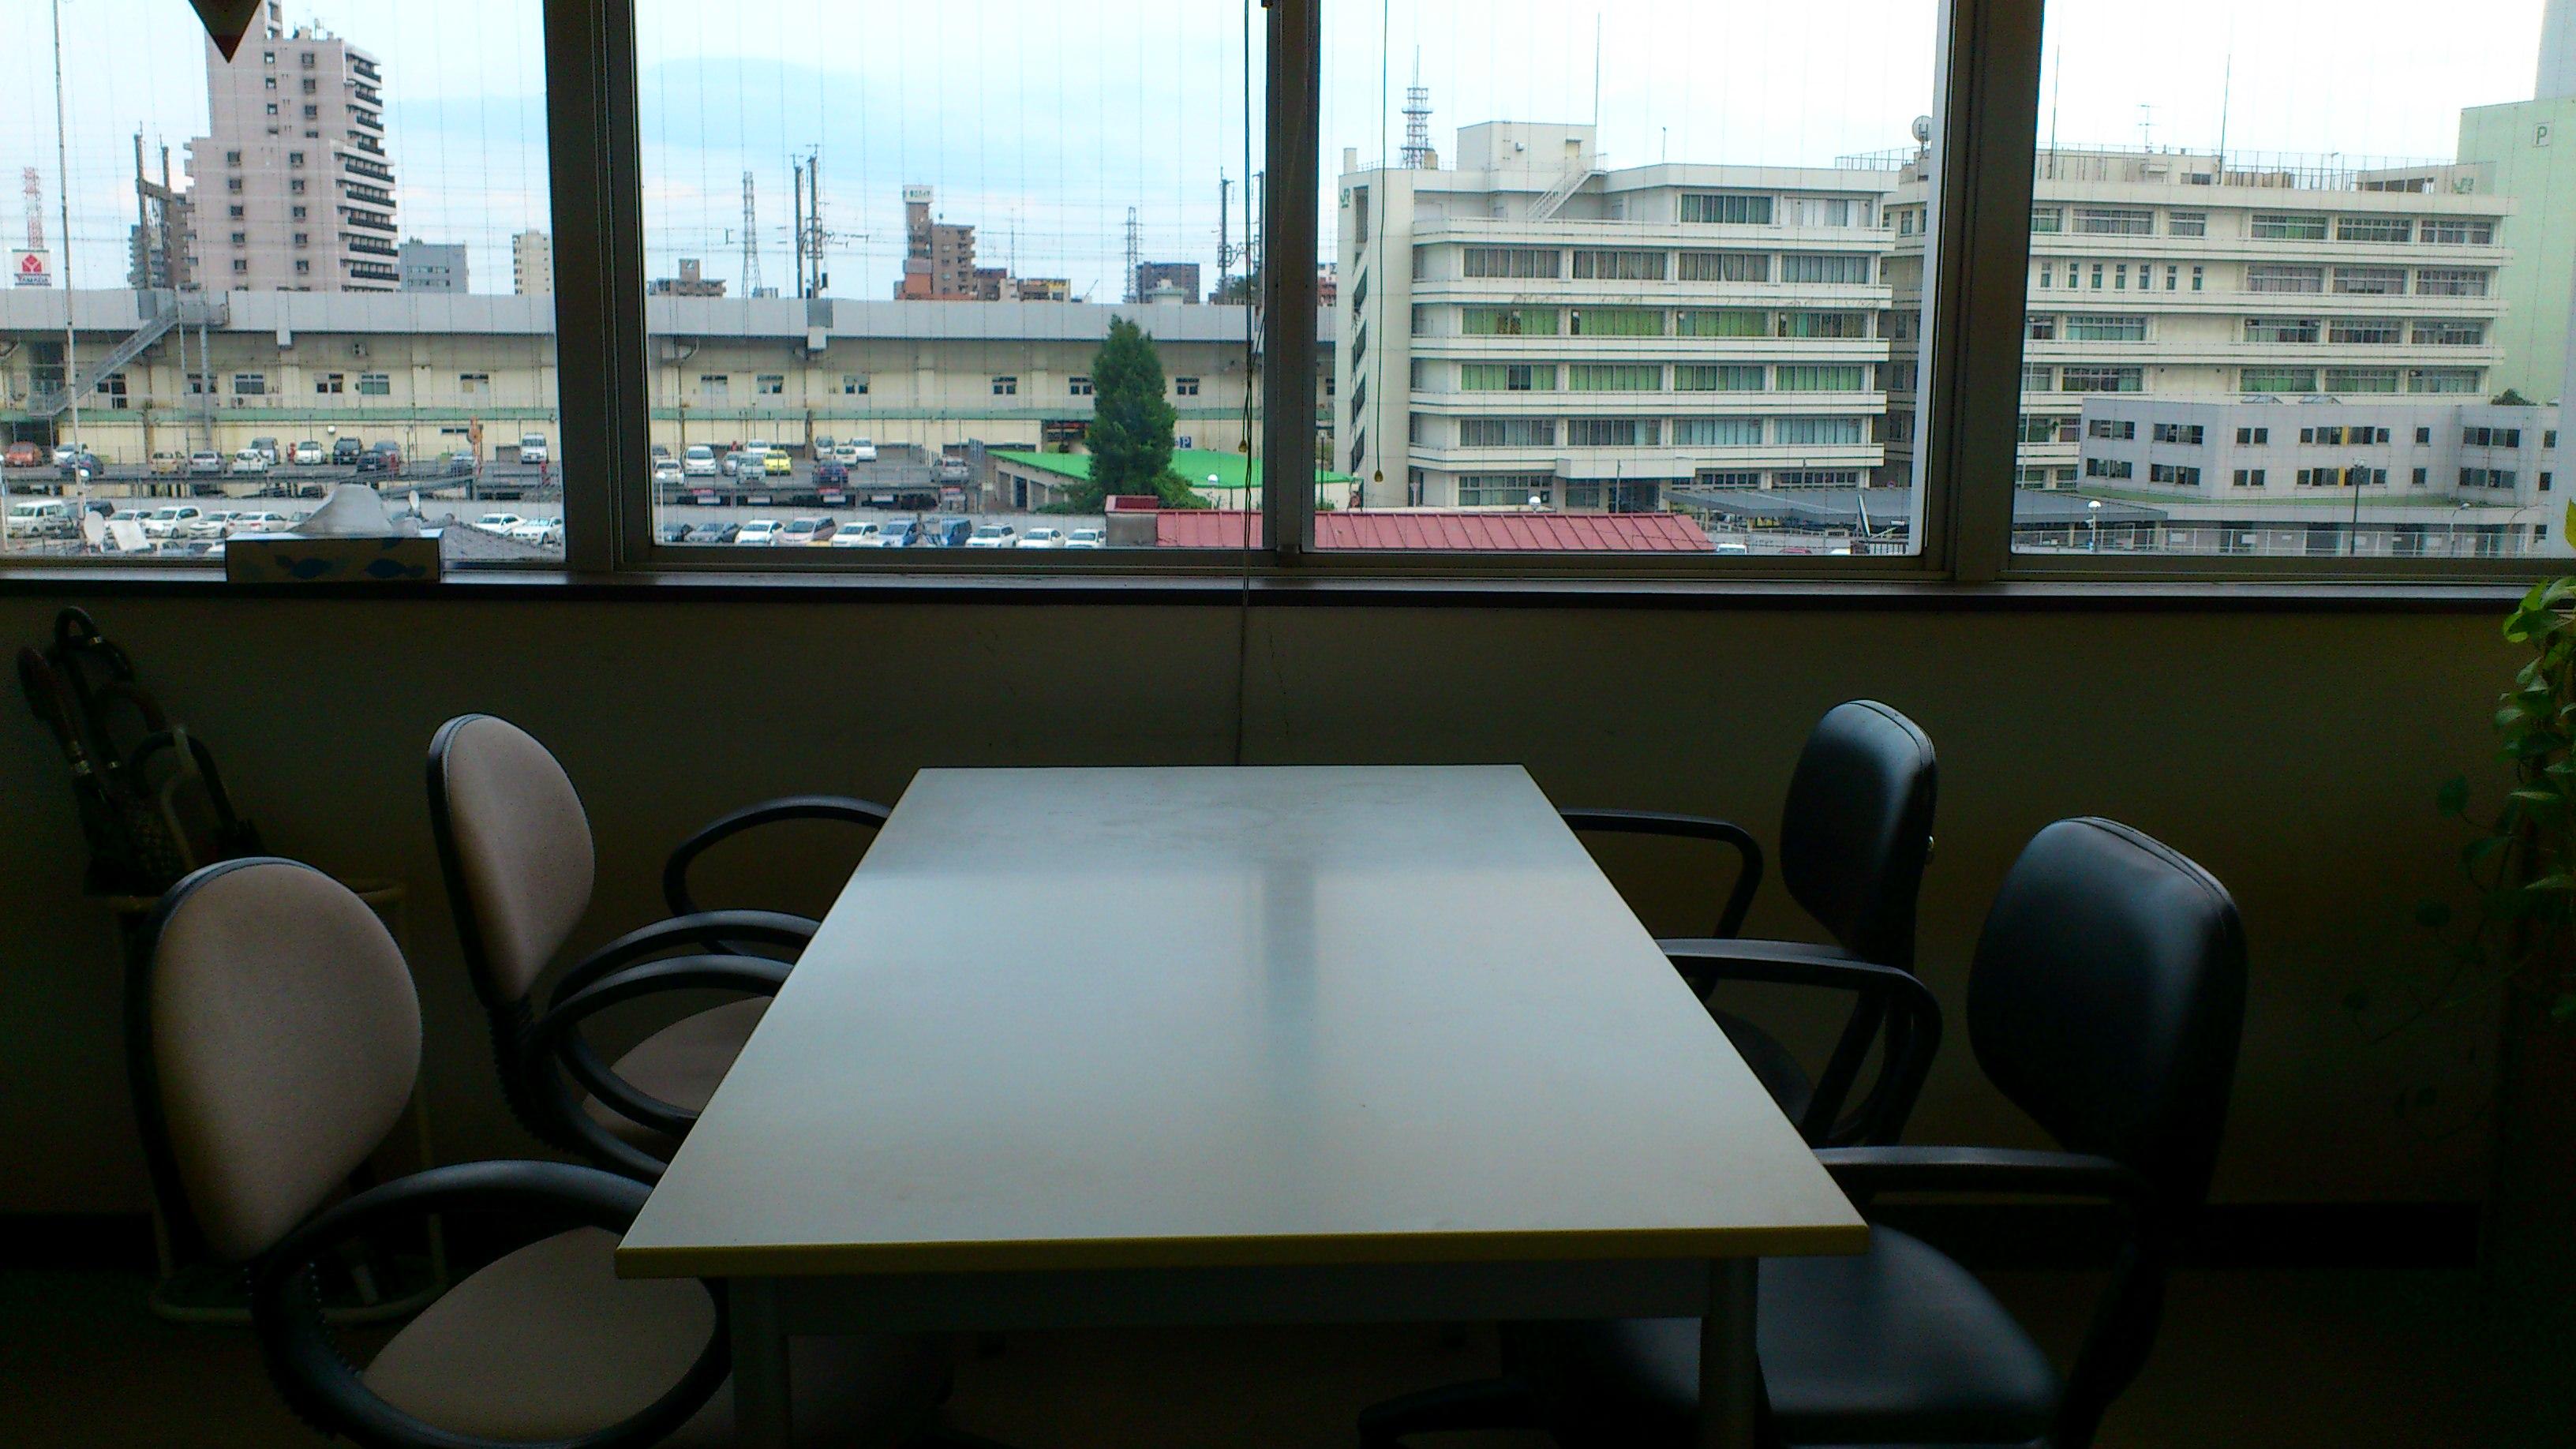 http://nagai.weblog.ne.jp/DSC_0336.JPG